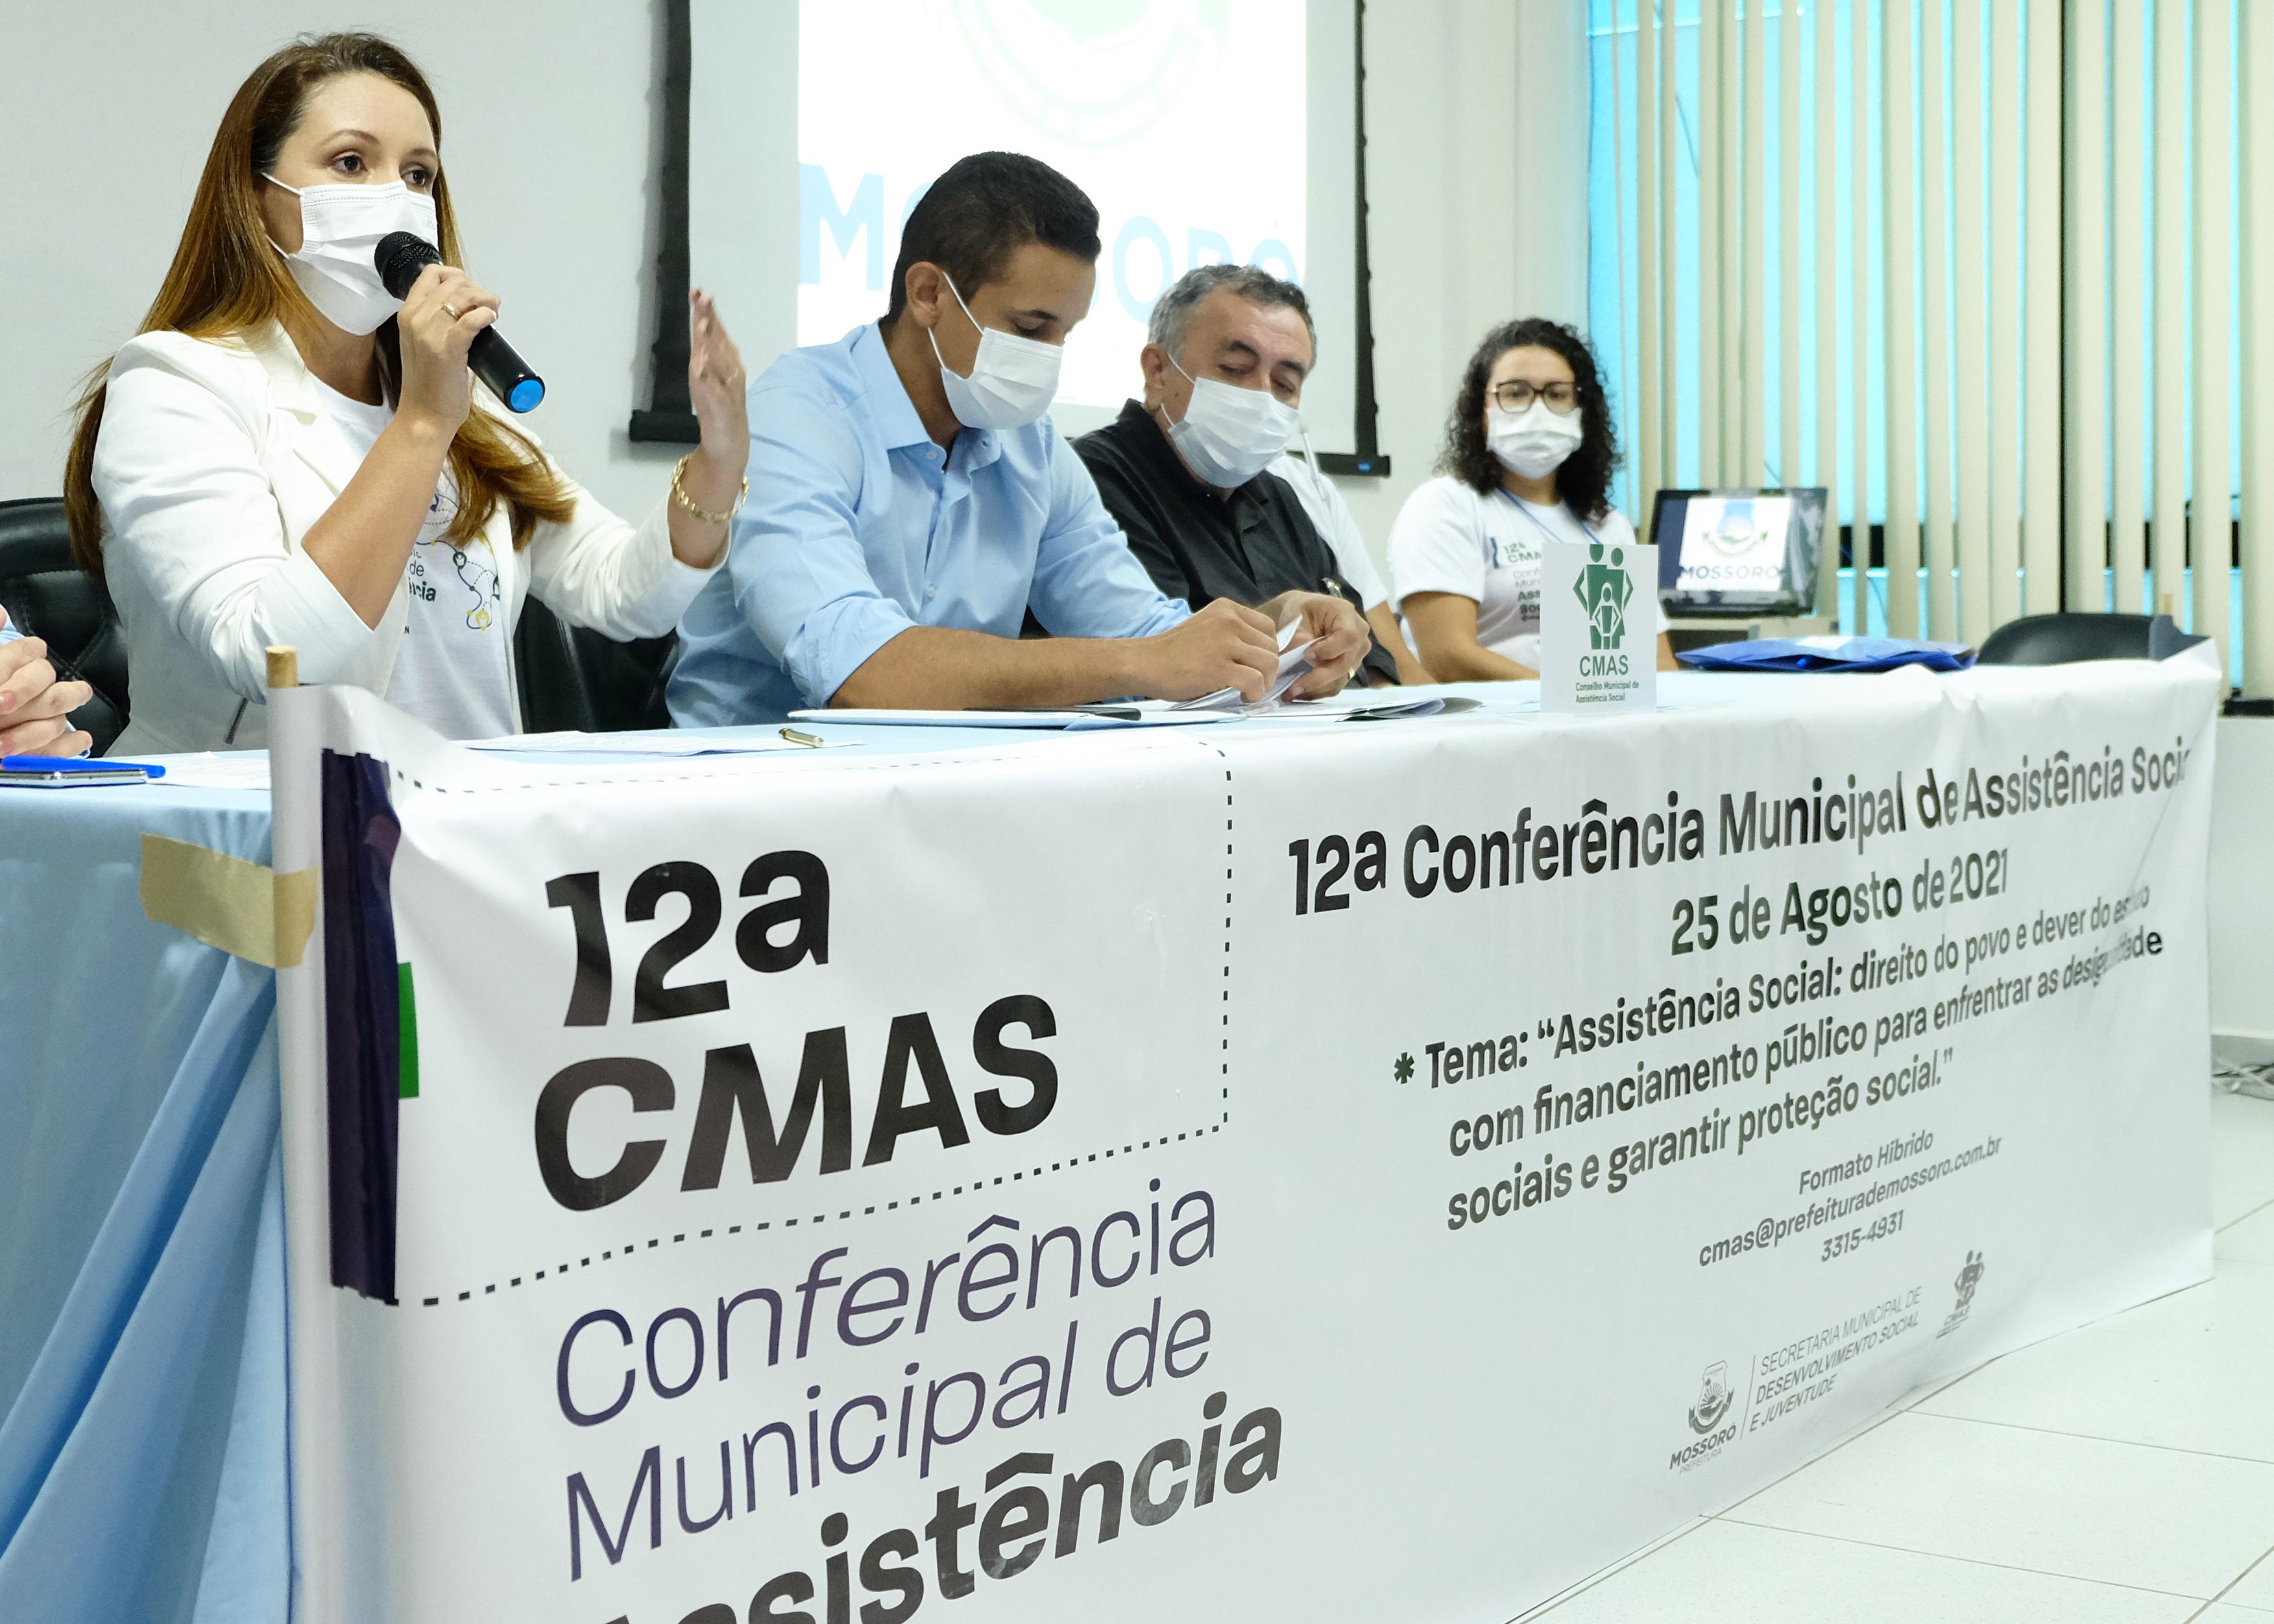 CMAS parabeniza comissão organizadora da 12ª Conferência Municipal